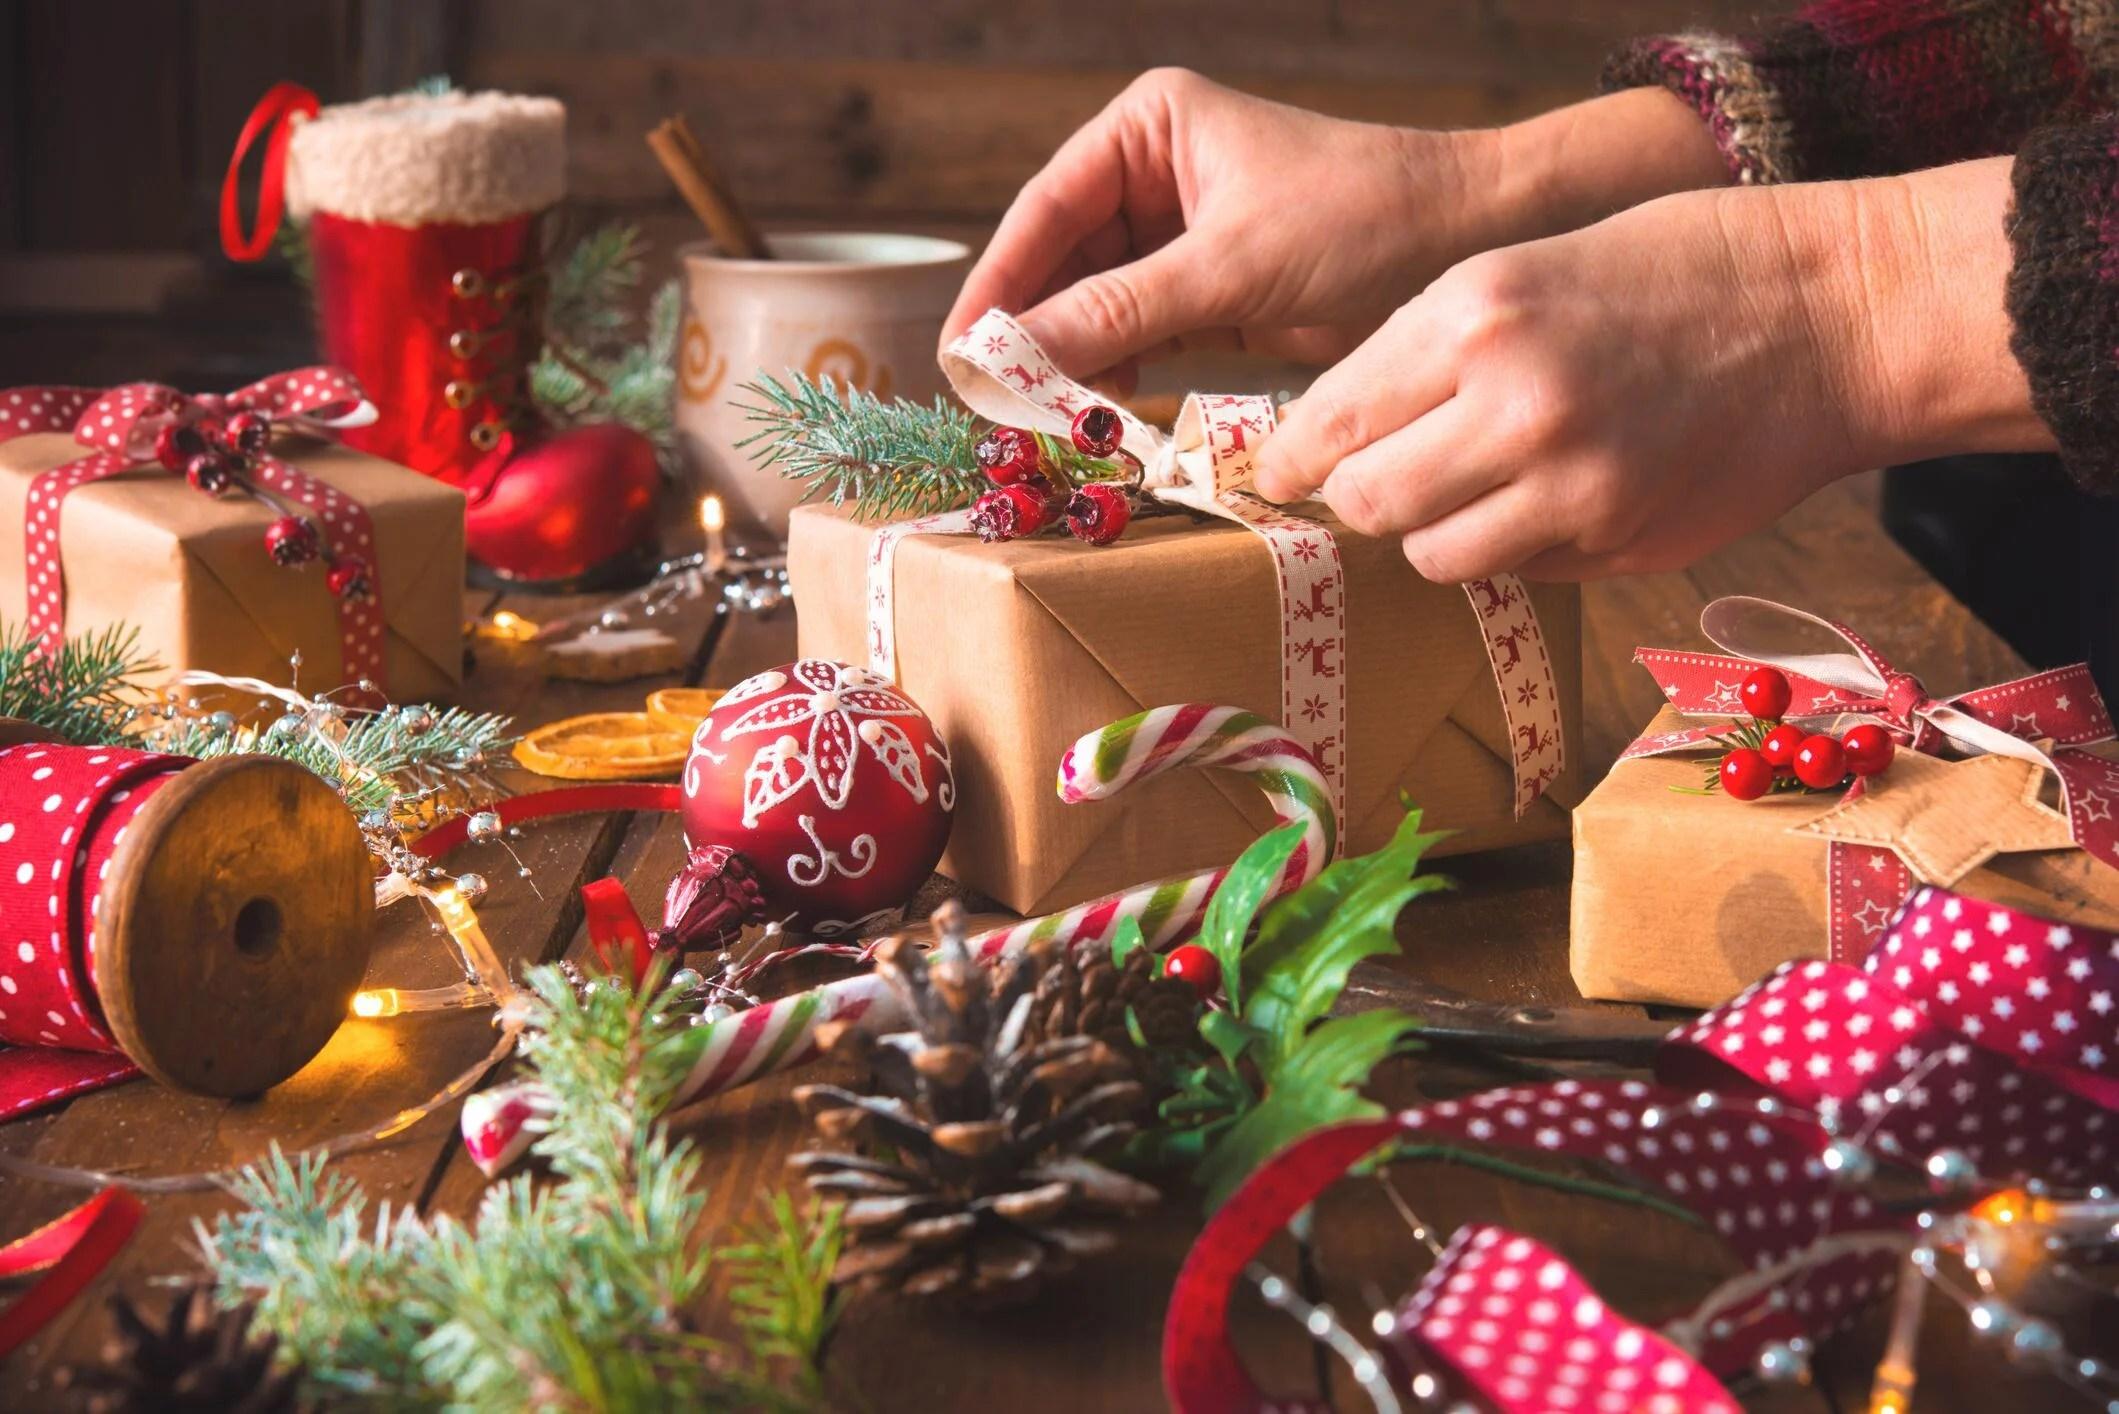 Weihnachtsgeschenke Basteln Erwachsene.Basteln Zu Weihnachten Erwachsene